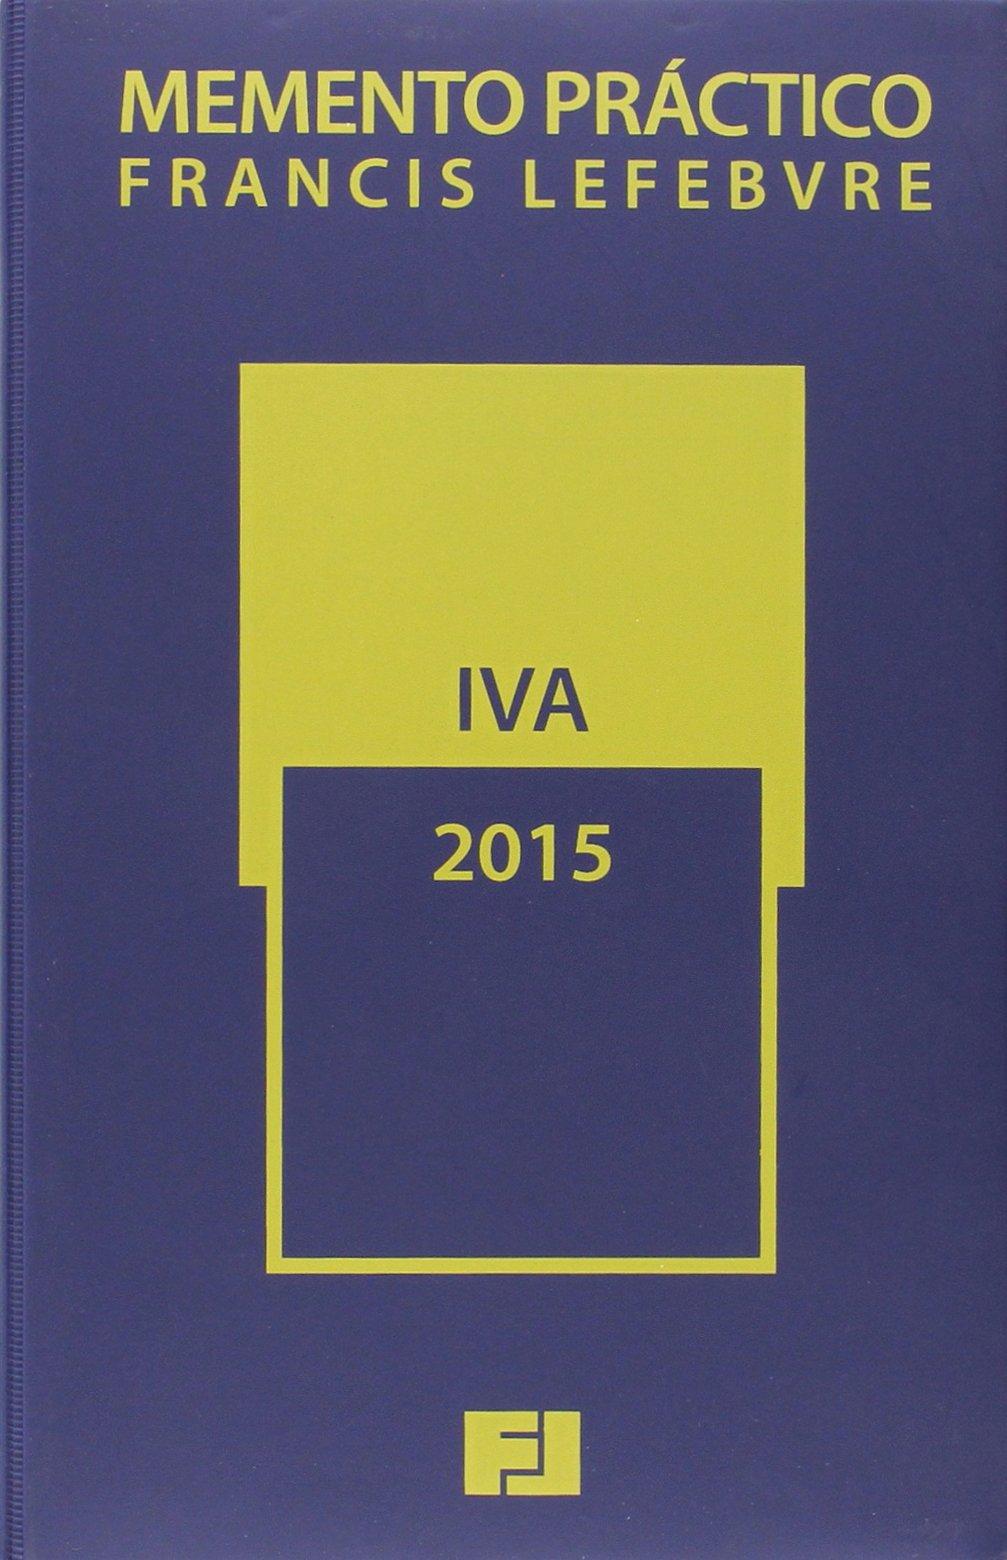 Memento Practico IVA 2015 (Mementos Practicos): Amazon.es: Francis Lefebvre: Libros